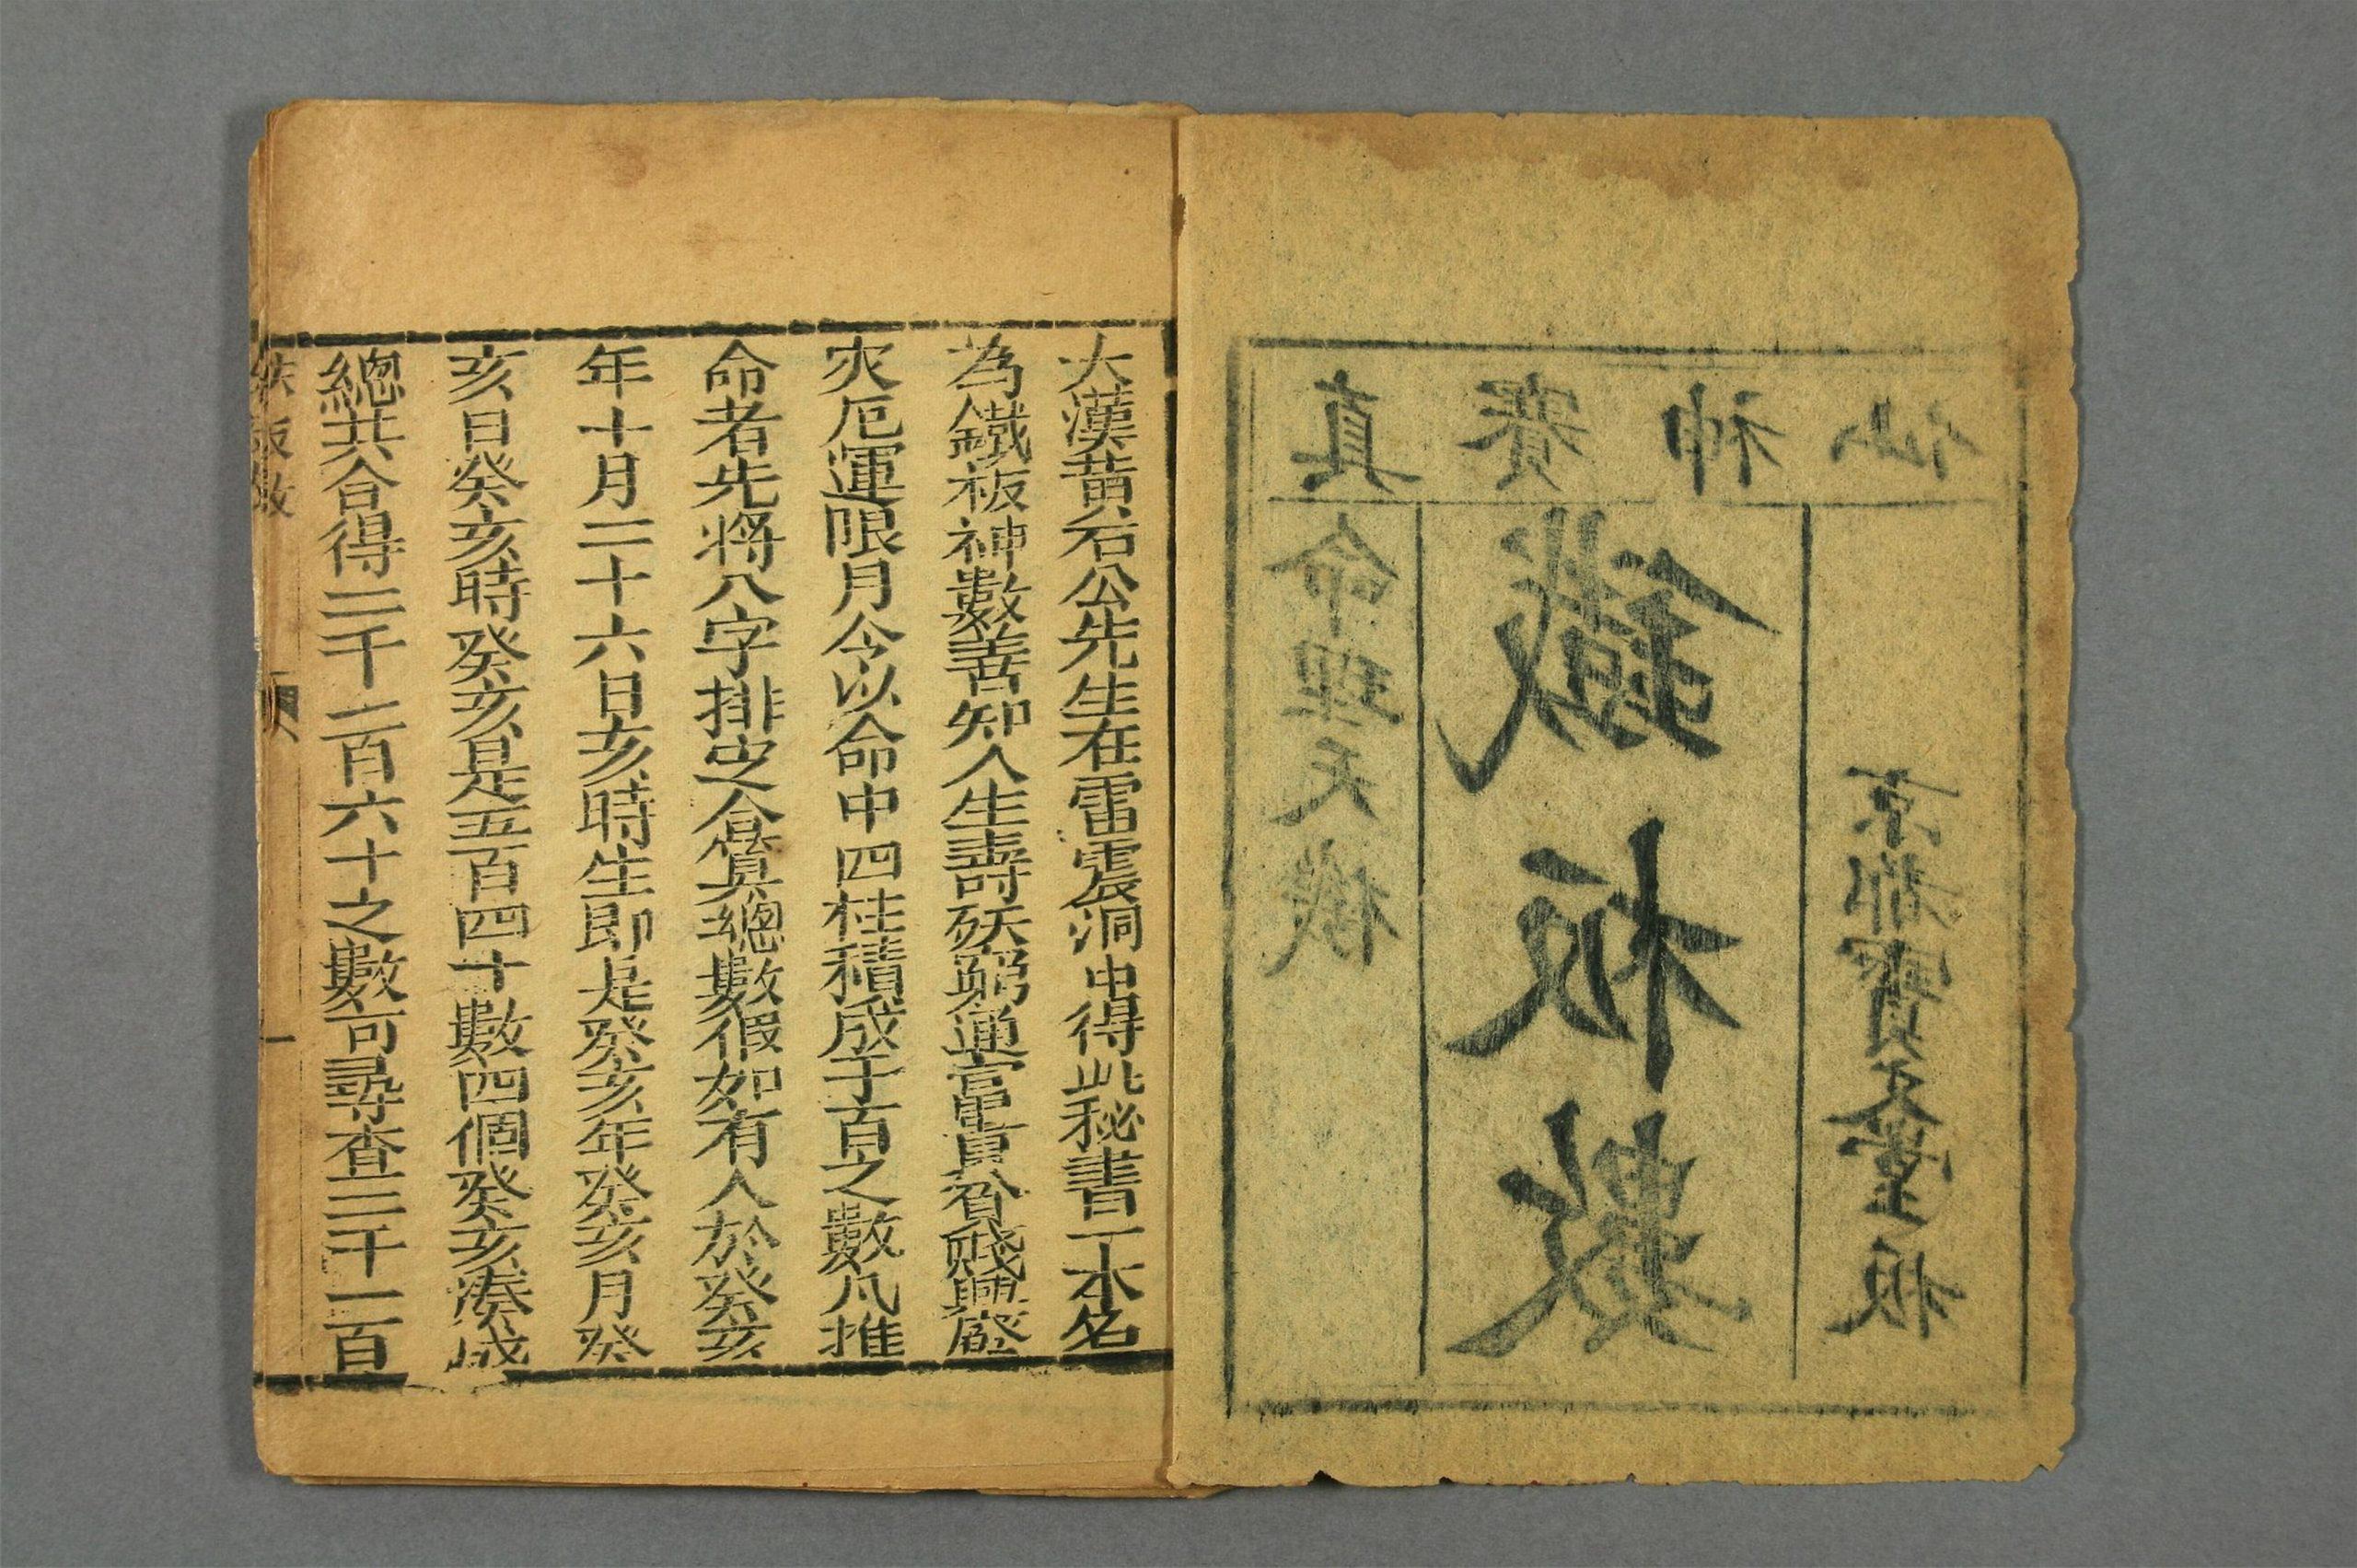 铁板神数 黄石公 汉代 共35页